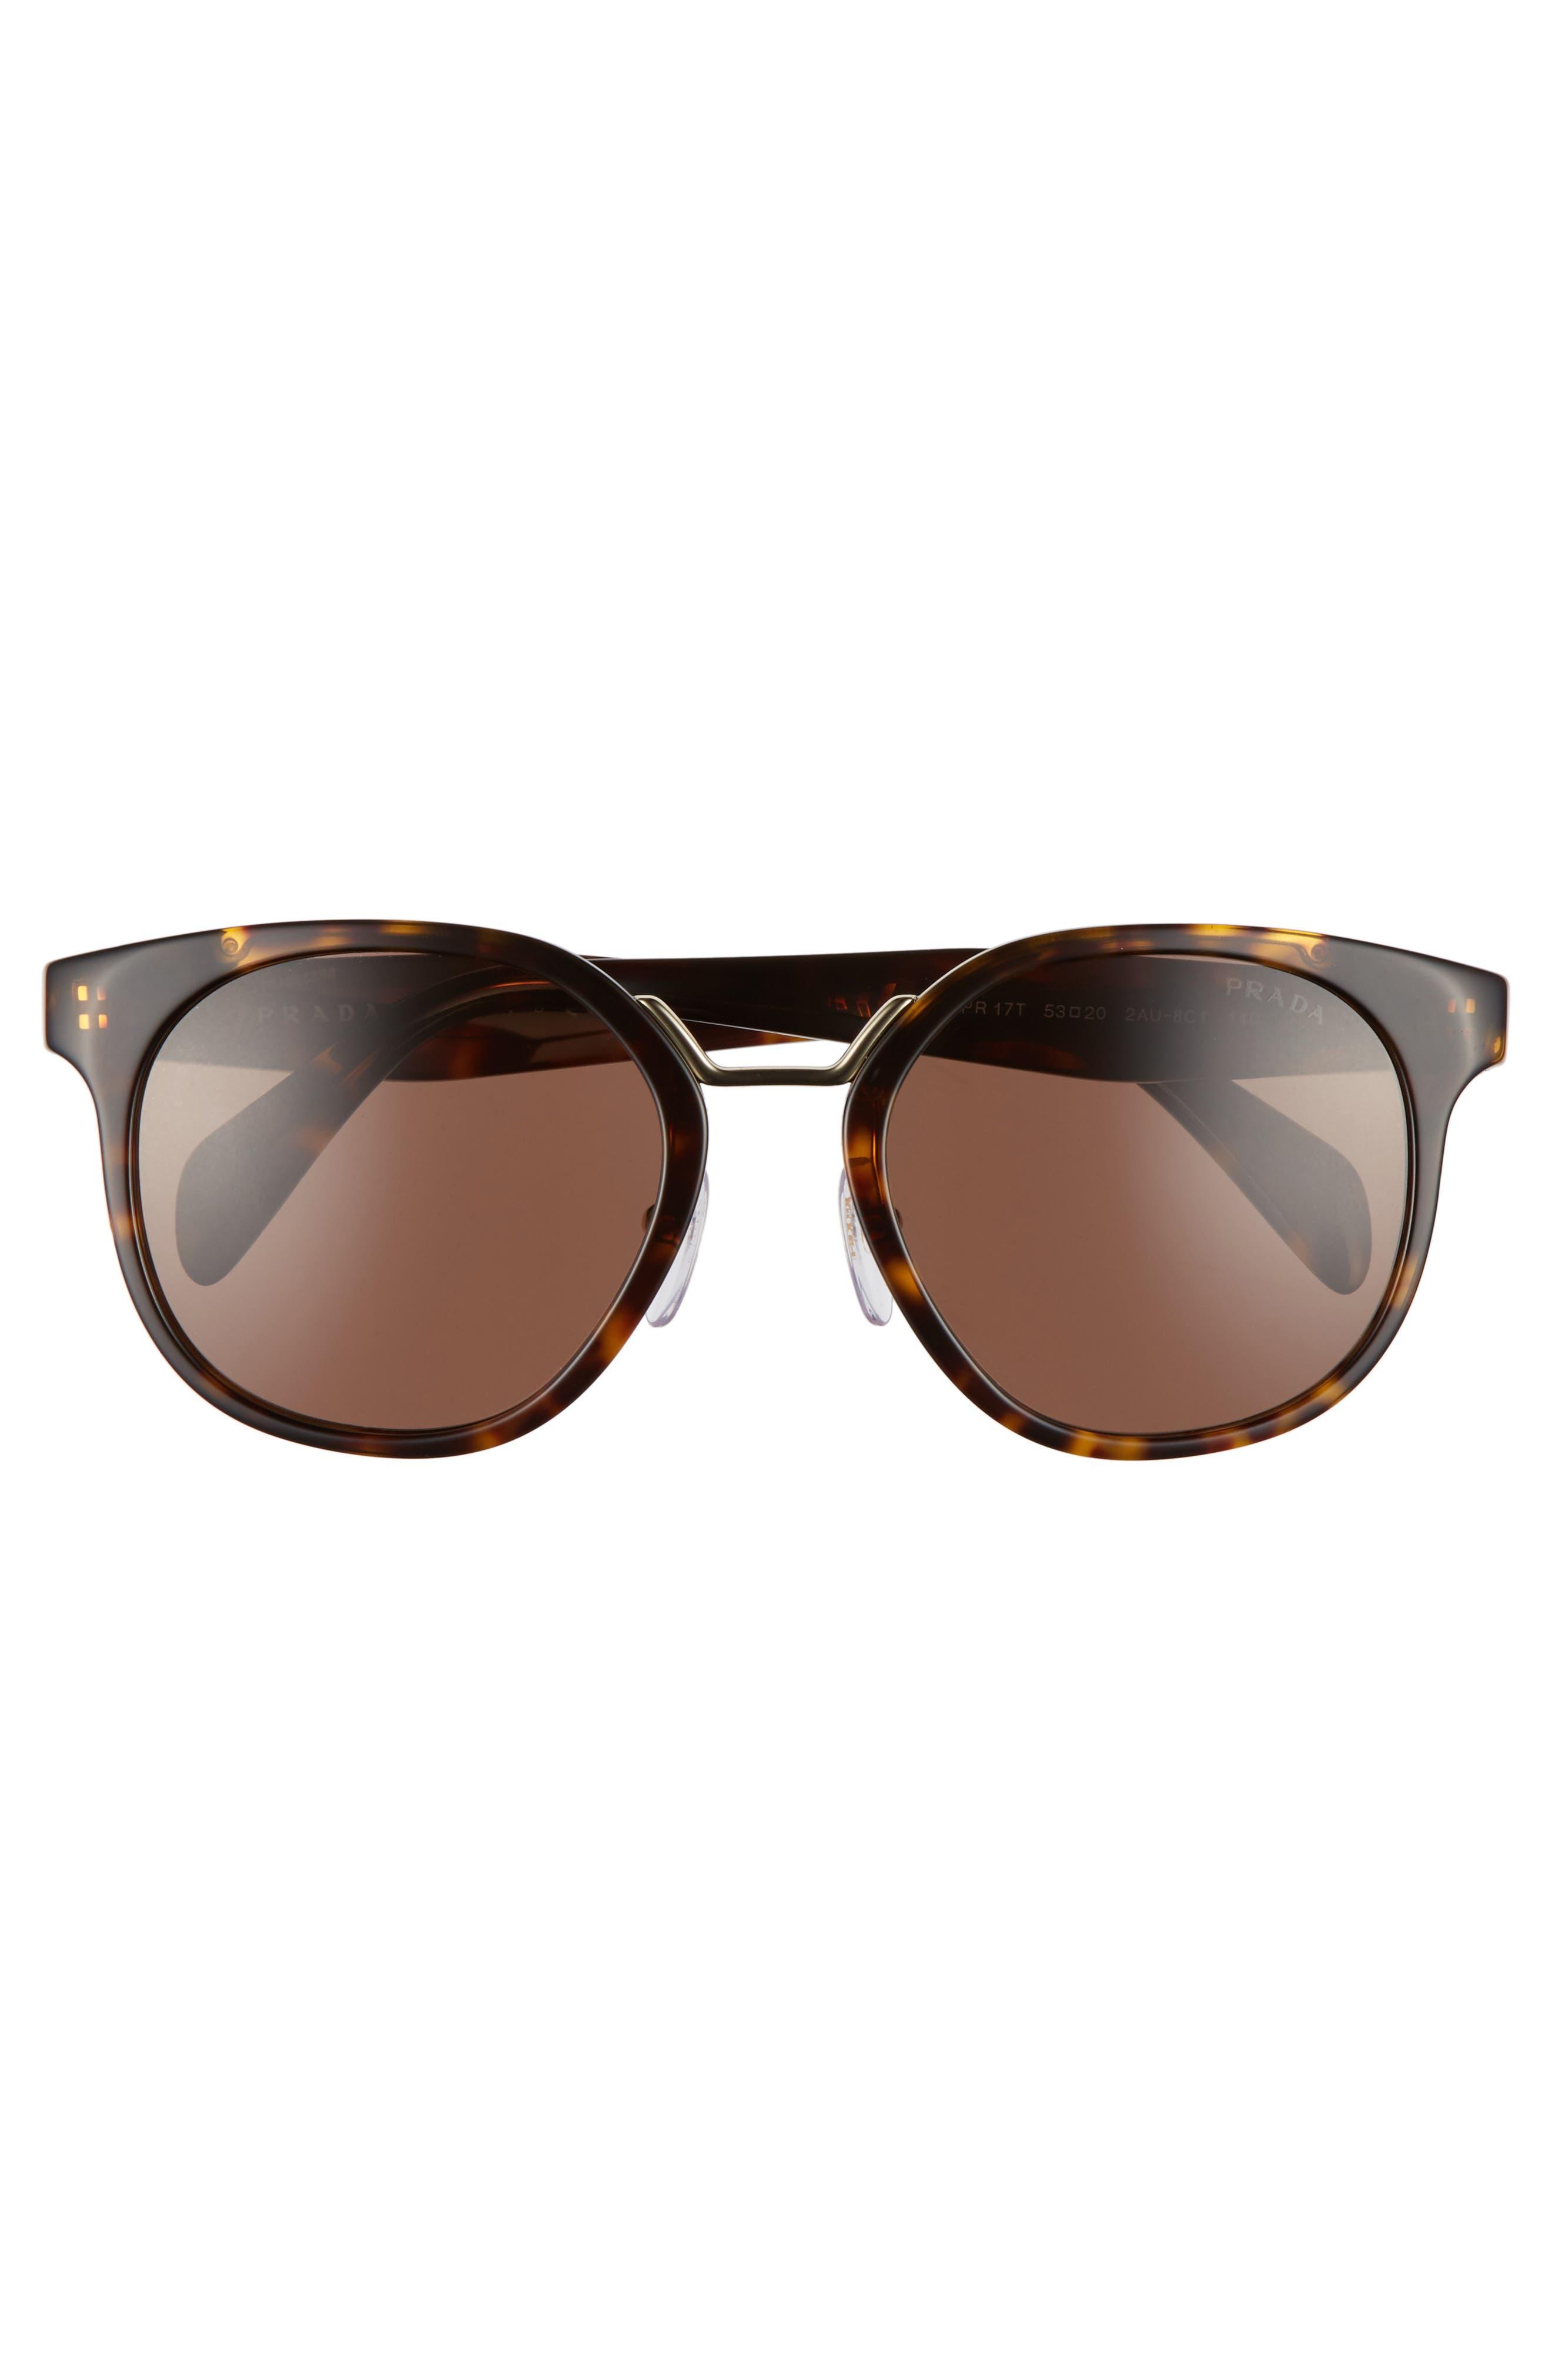 53mm Horn-Rimmed Sunglasses,                             Alternate thumbnail 2, color,                             Brown Havana